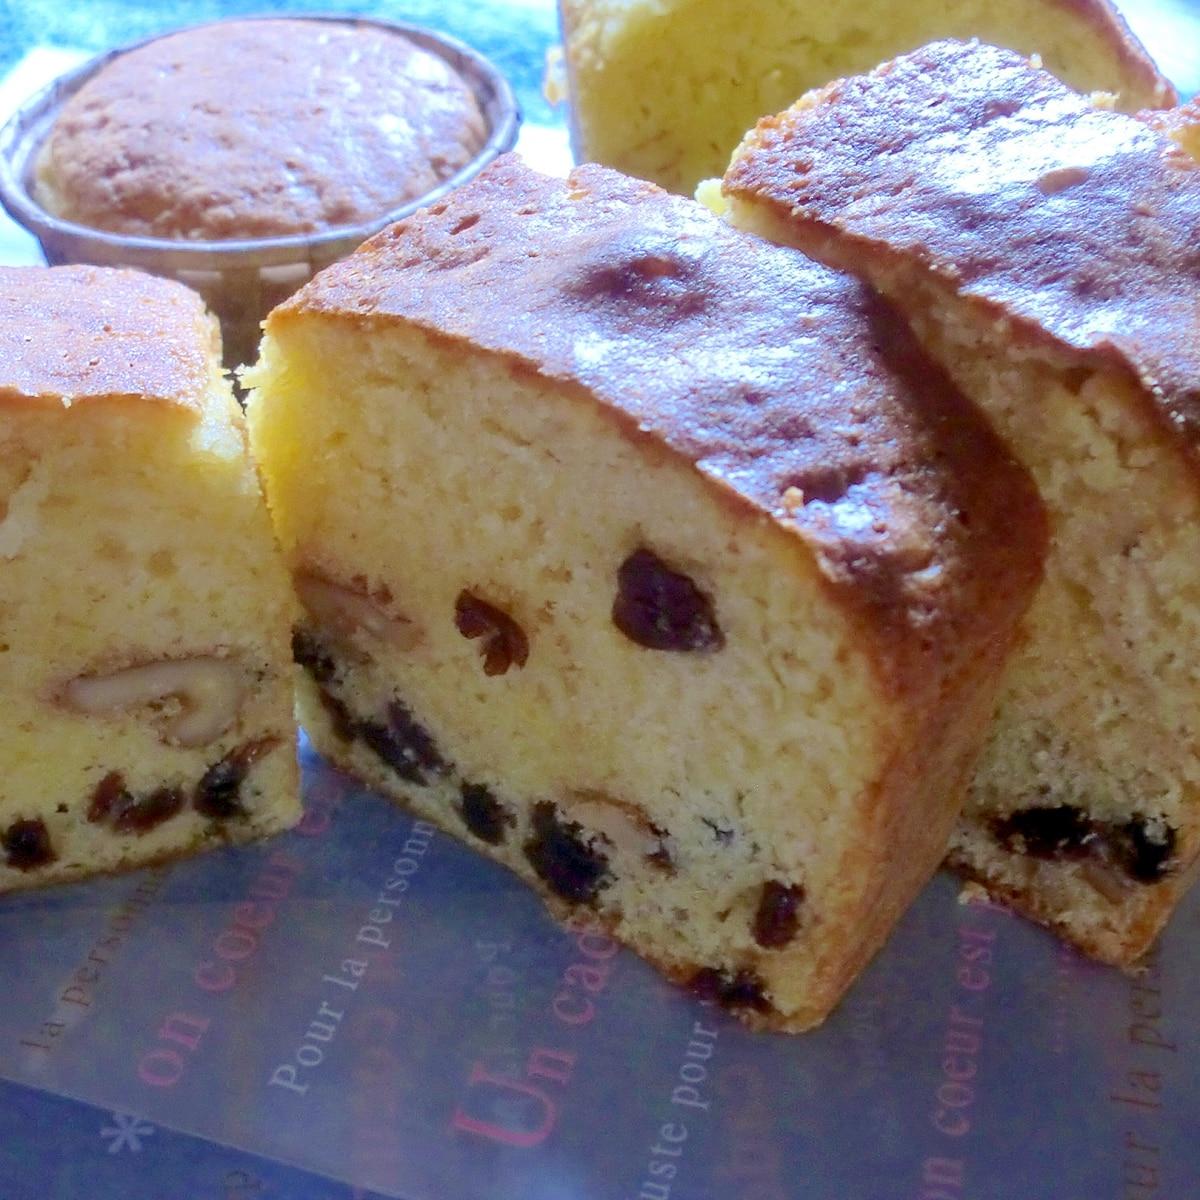 ケーキ レシピ ブランデー 熟成ブランデーケーキ レシピ 【みんなのきょうの料理】おいしいレシピや献立を探そう